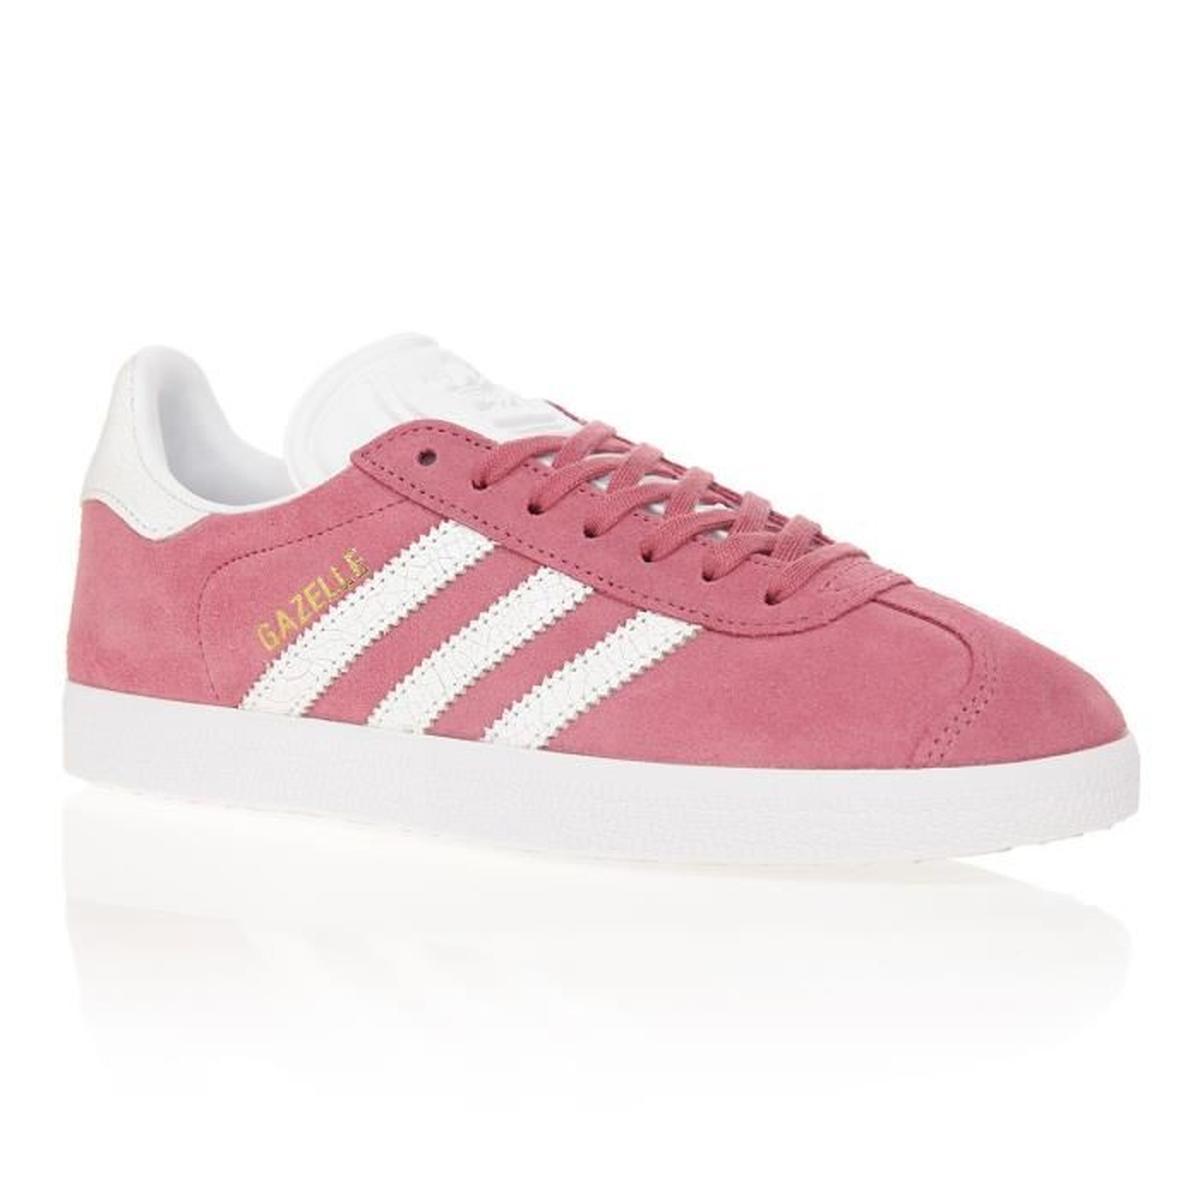 Vente de adidas gazelle rose pale pas cher Soldes